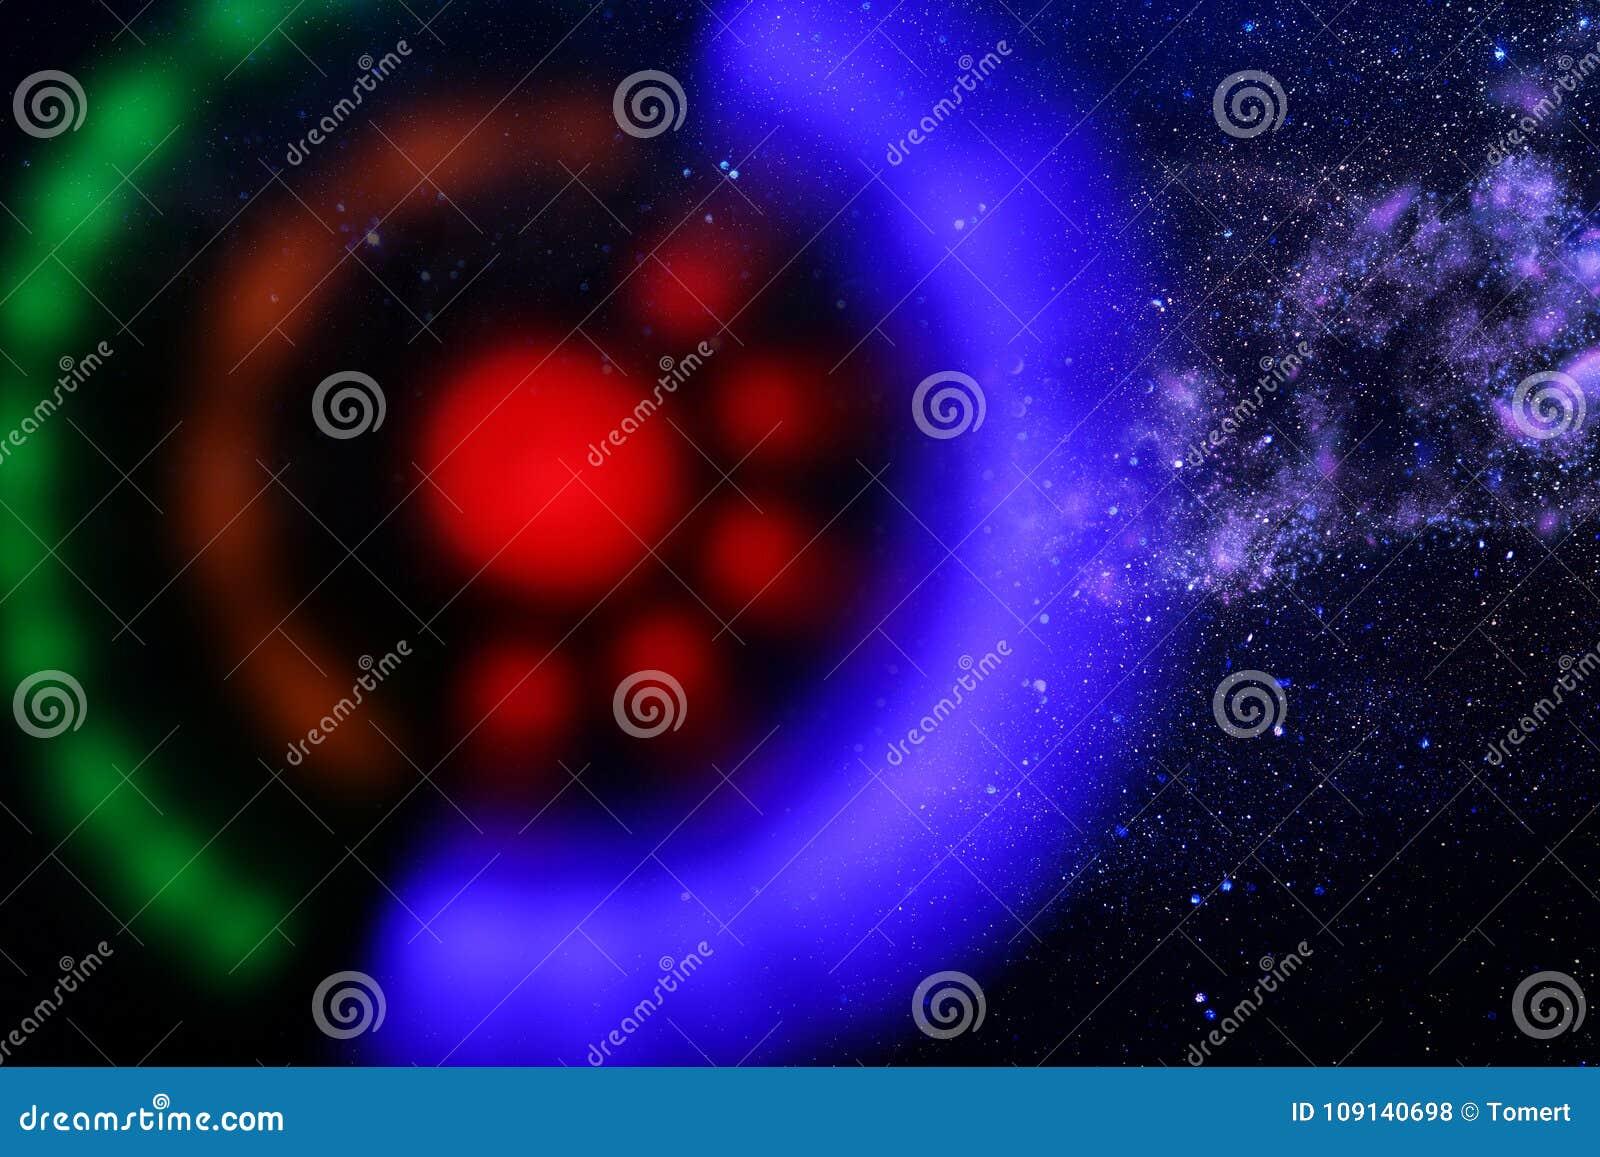 Abstraktes Bildraumschiff-UFO im Konzept des nächtlichen Himmels und der Astrologie